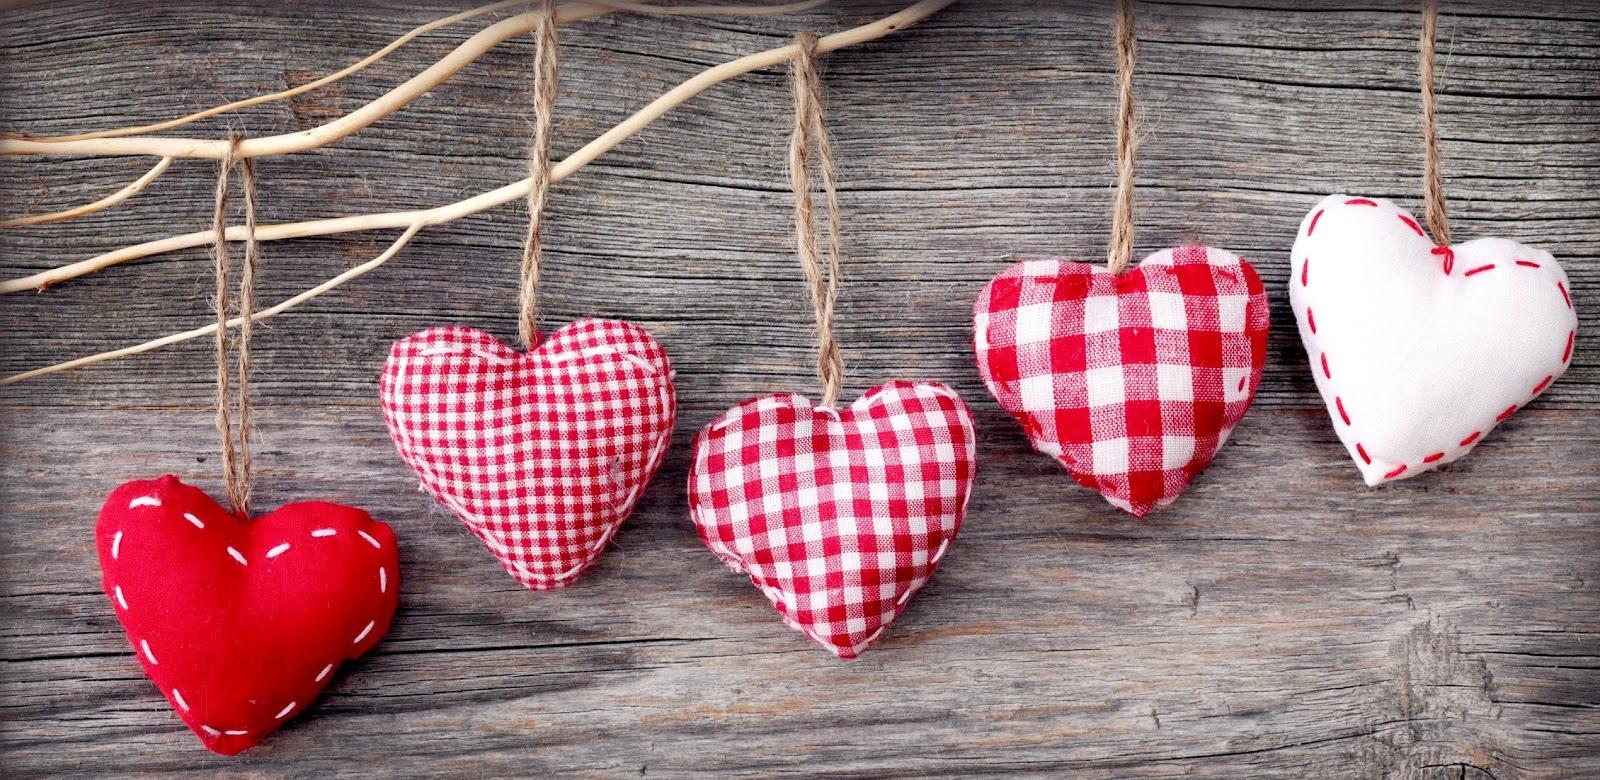 hình nền nhiều trái tim dễ thương